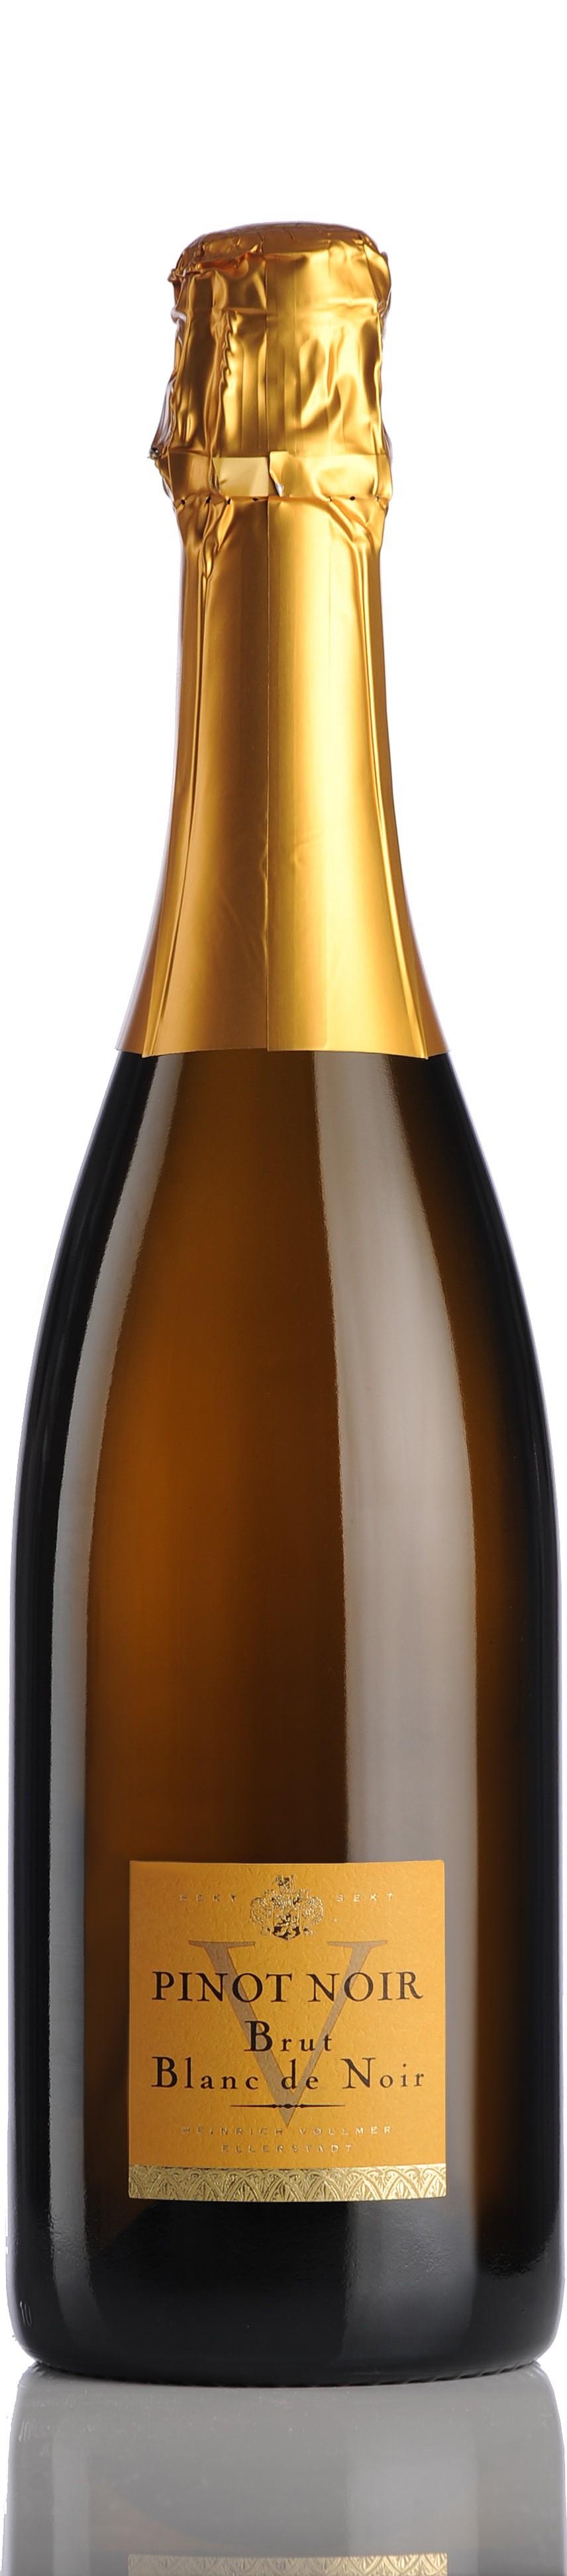 Pinot Noir brut 0,75l